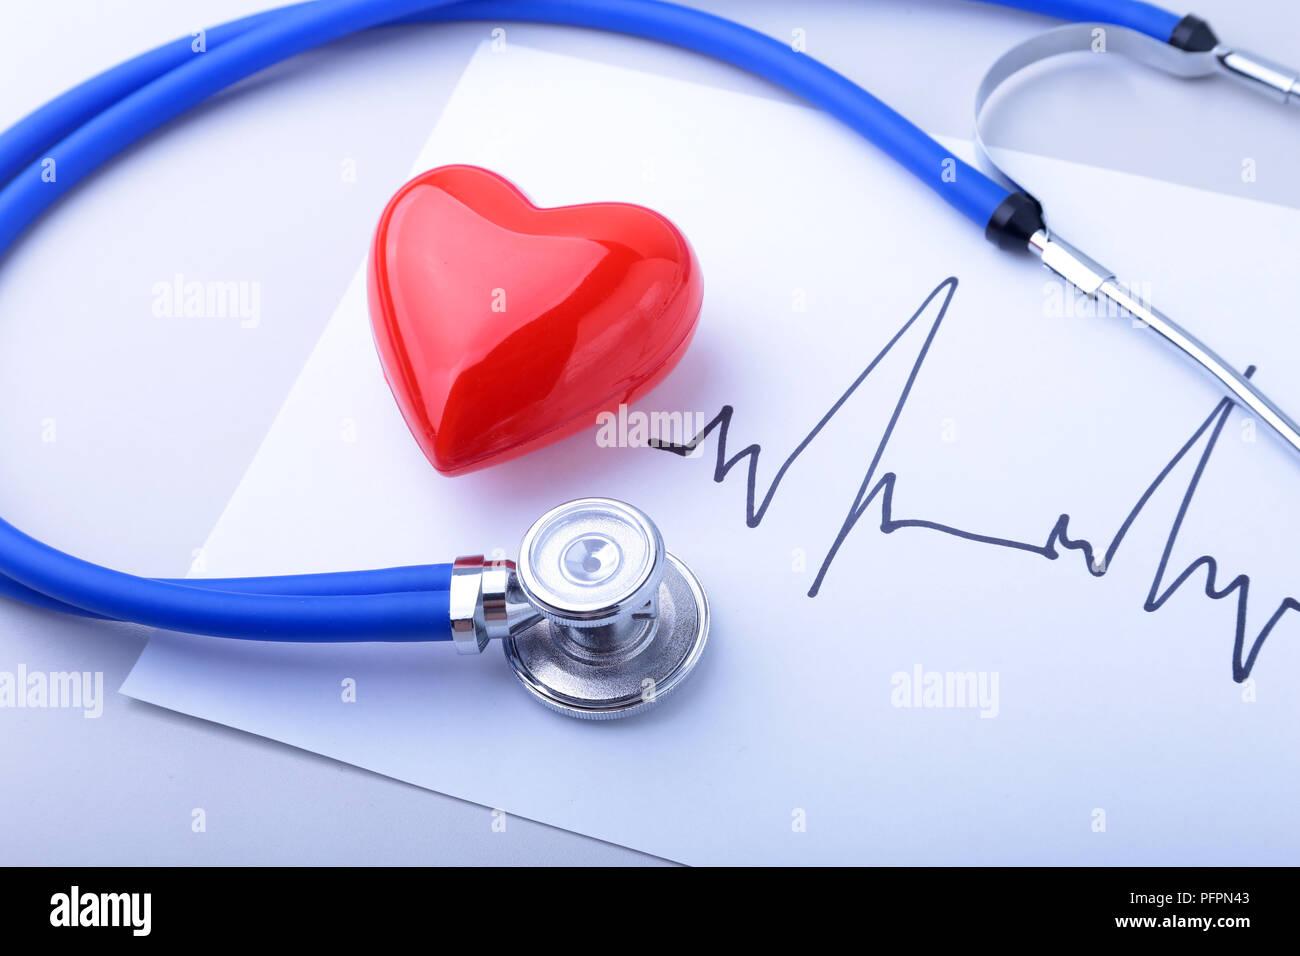 Medical estetoscopio y corazón rojo con electrocardiograma realizado aislado en blanco. La asistencia sanitaria concepto Imagen De Stock